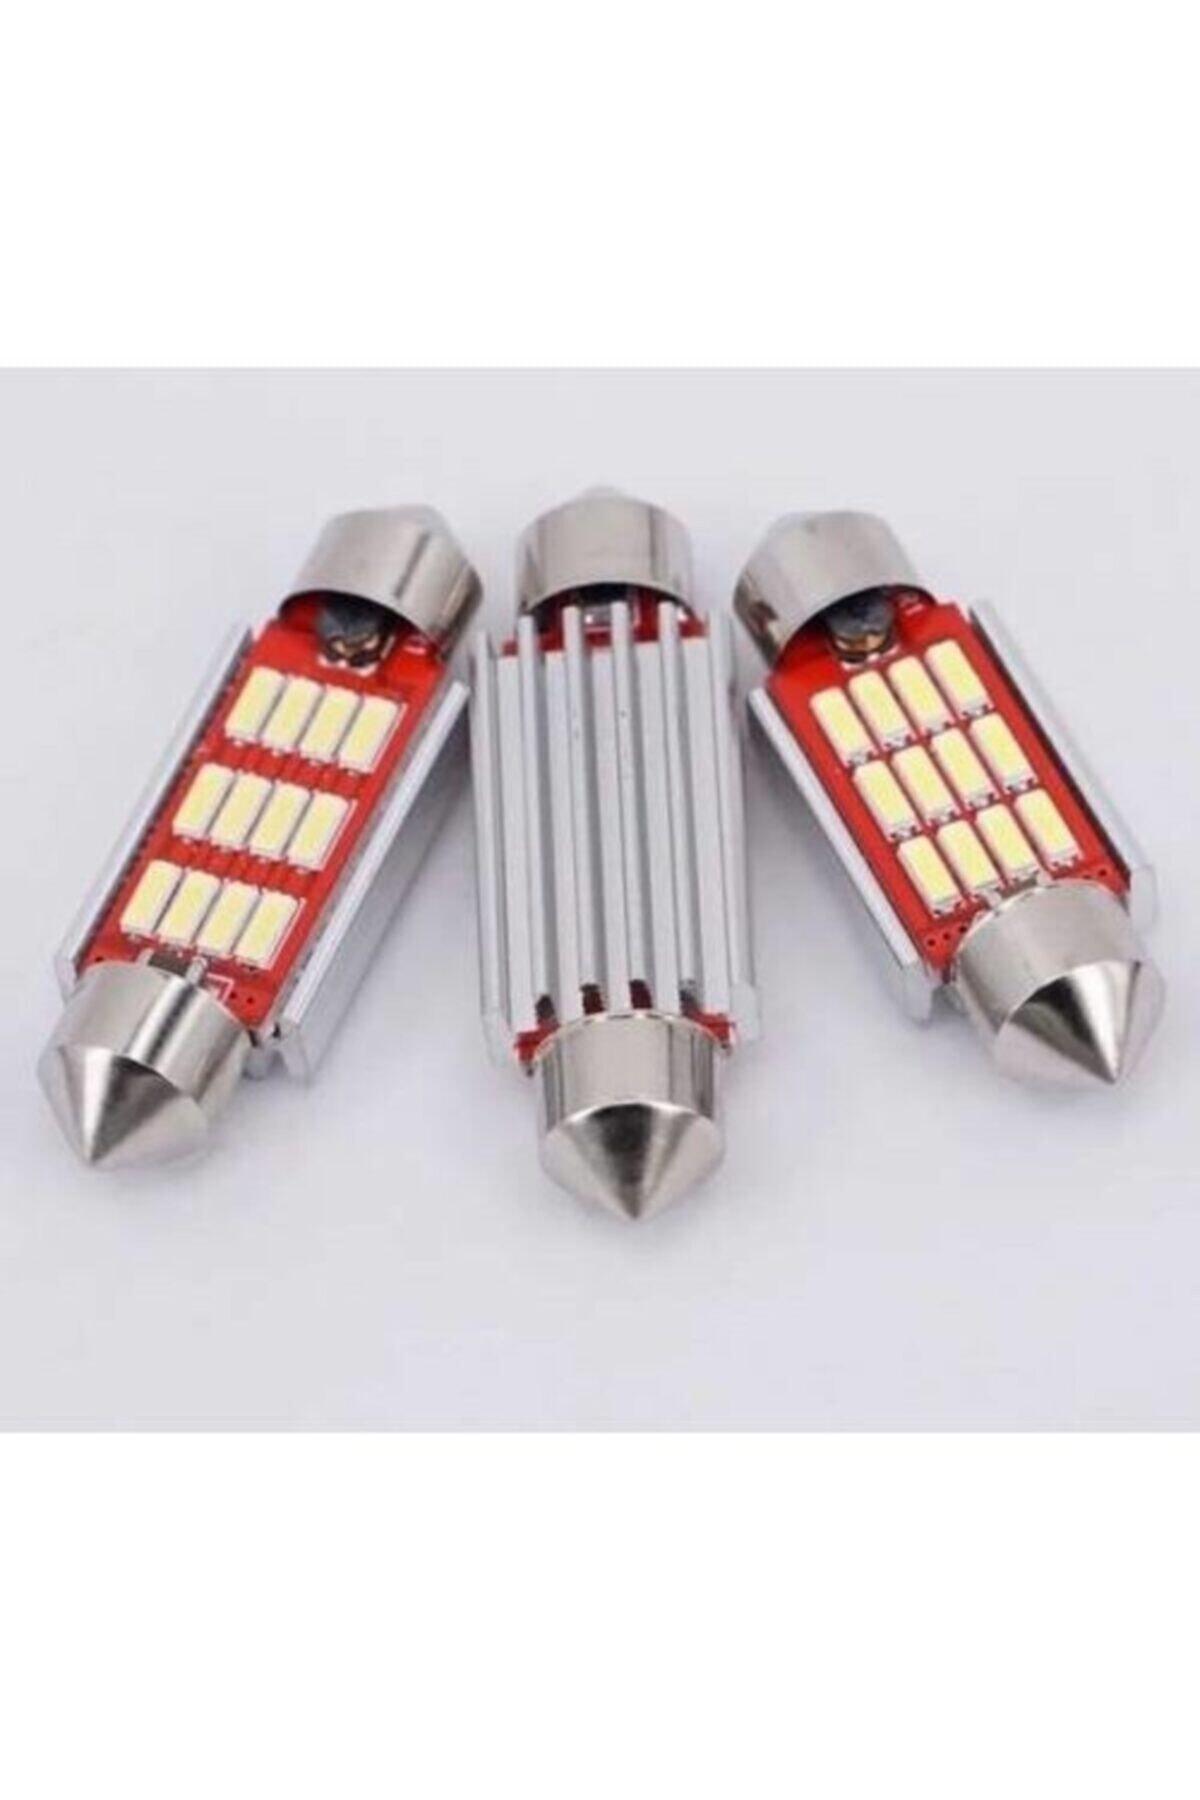 Universal Sofit Led Ampül Siemens Tipi 12 Ledli Beyaz Sofit Tavan Ve Plaka Ampülü 39 Mm Canbus Aleminyum Kasa 1